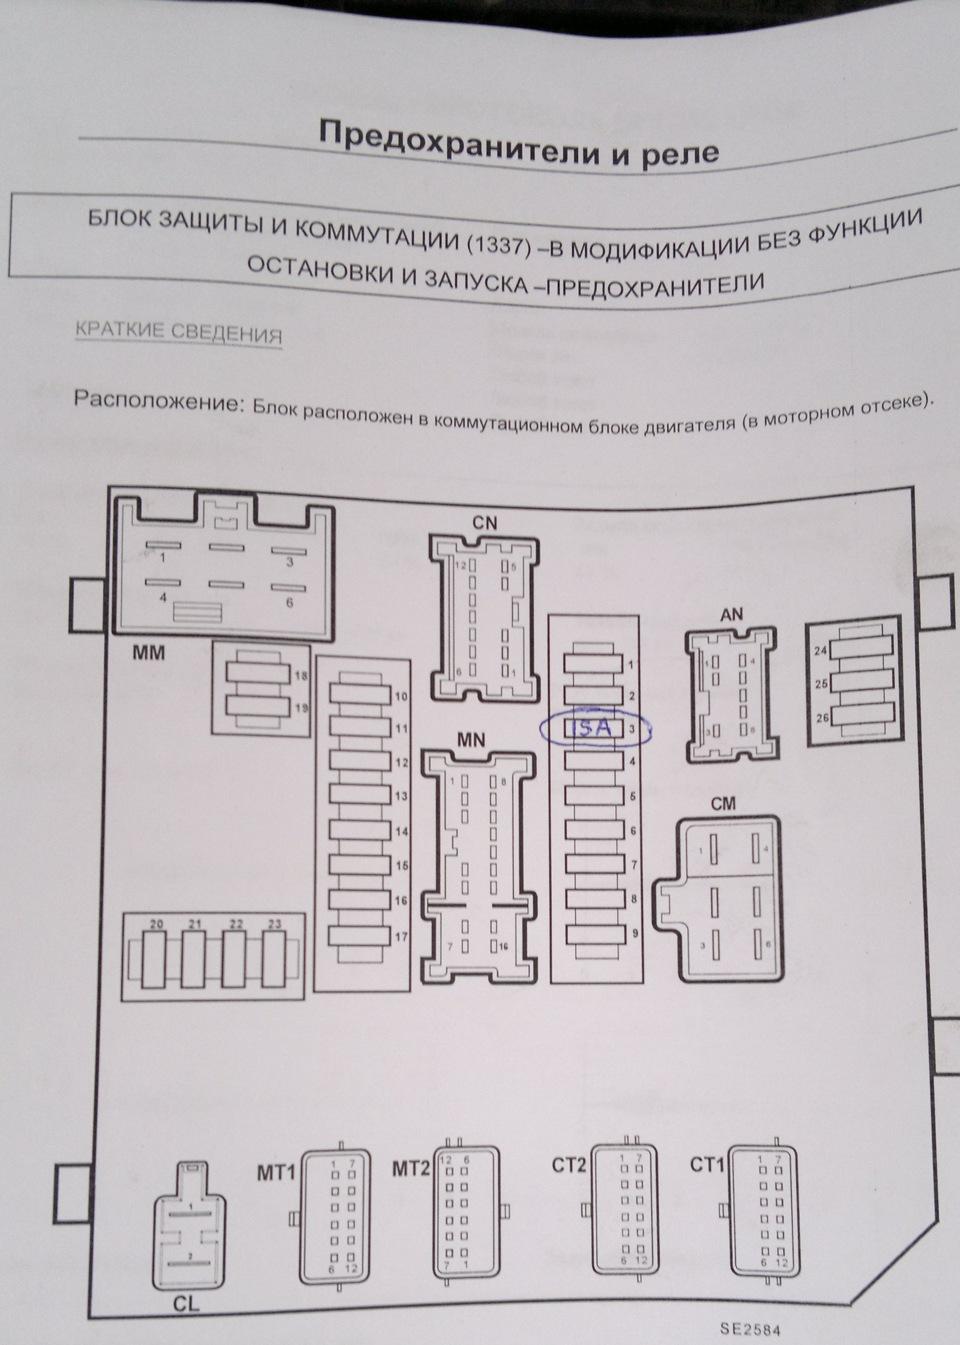 Рено меган 2 схема предохранителей под капотом фото 183